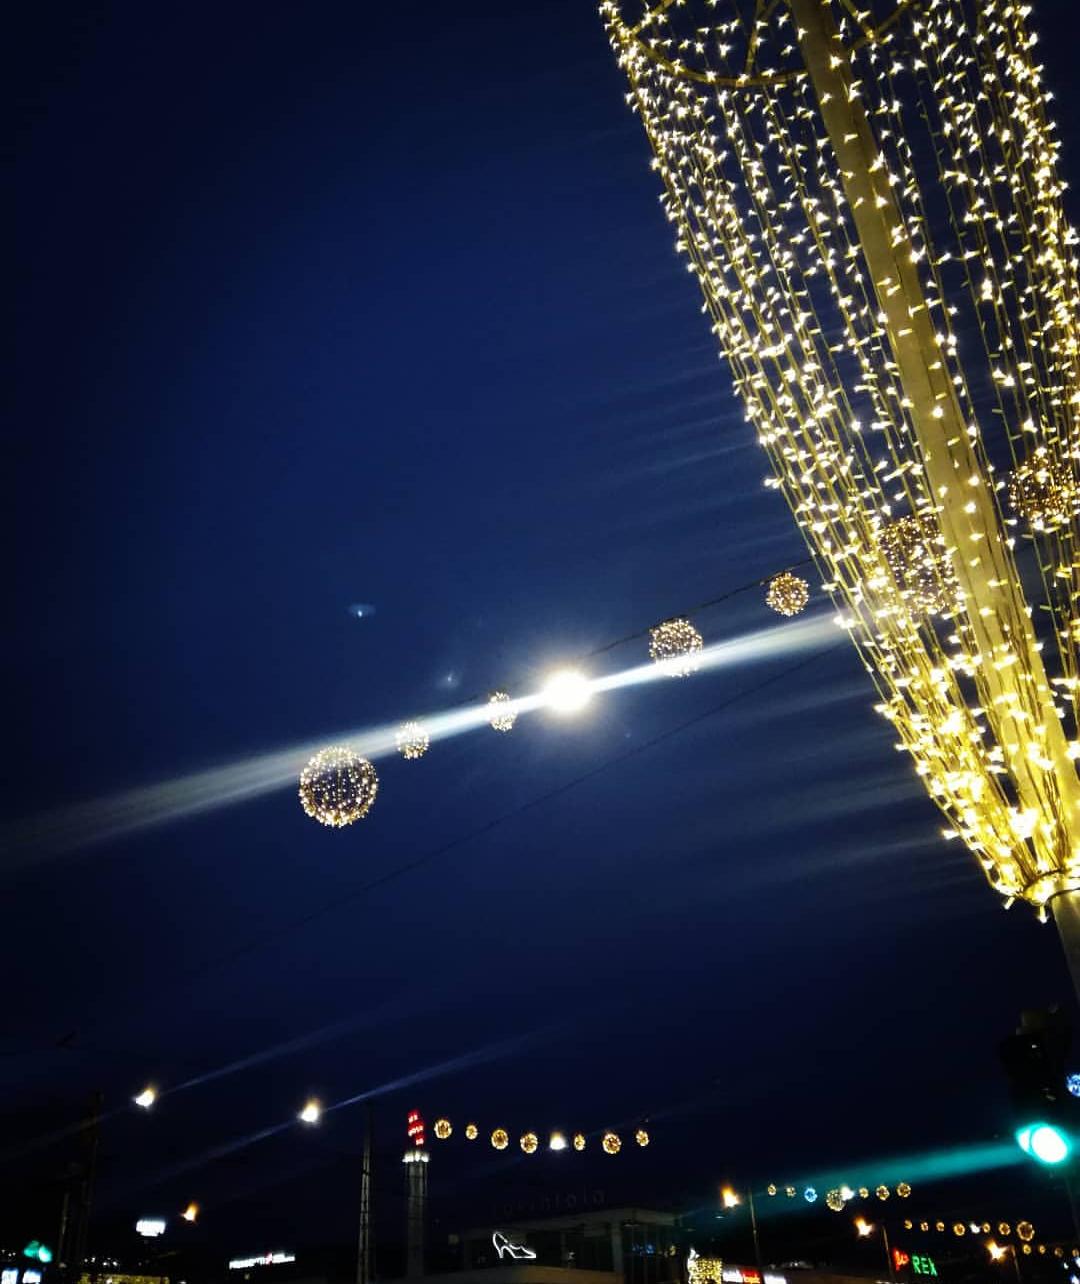 Joulun valot